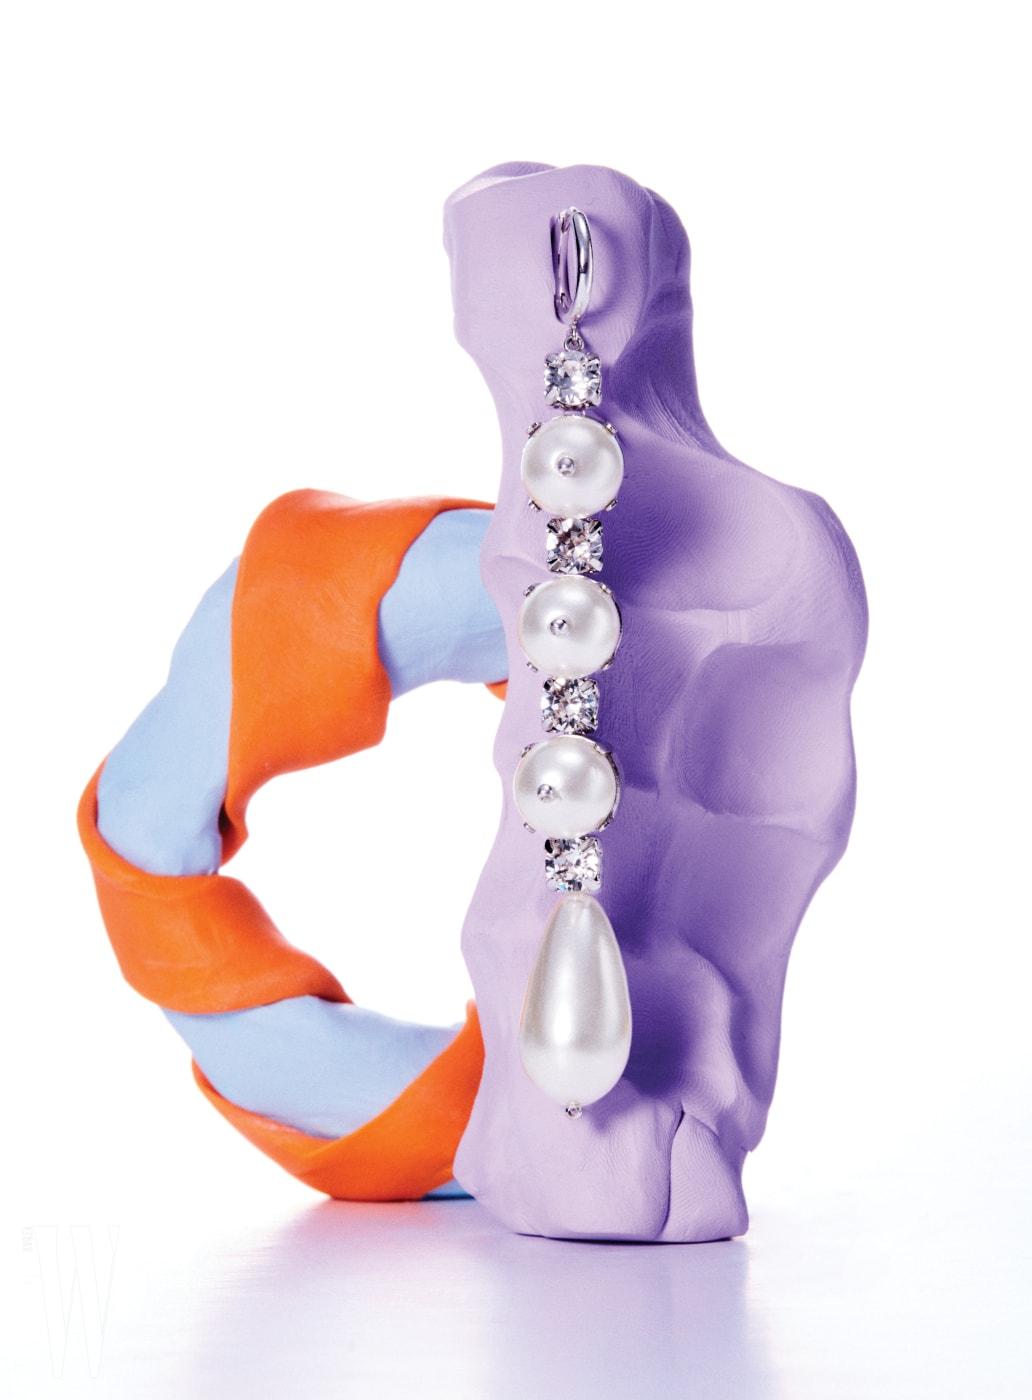 진주와 크리스털의 조합이 조화로운 귀고리는 시몬 로샤 by 분더샵 제품. 39만원.